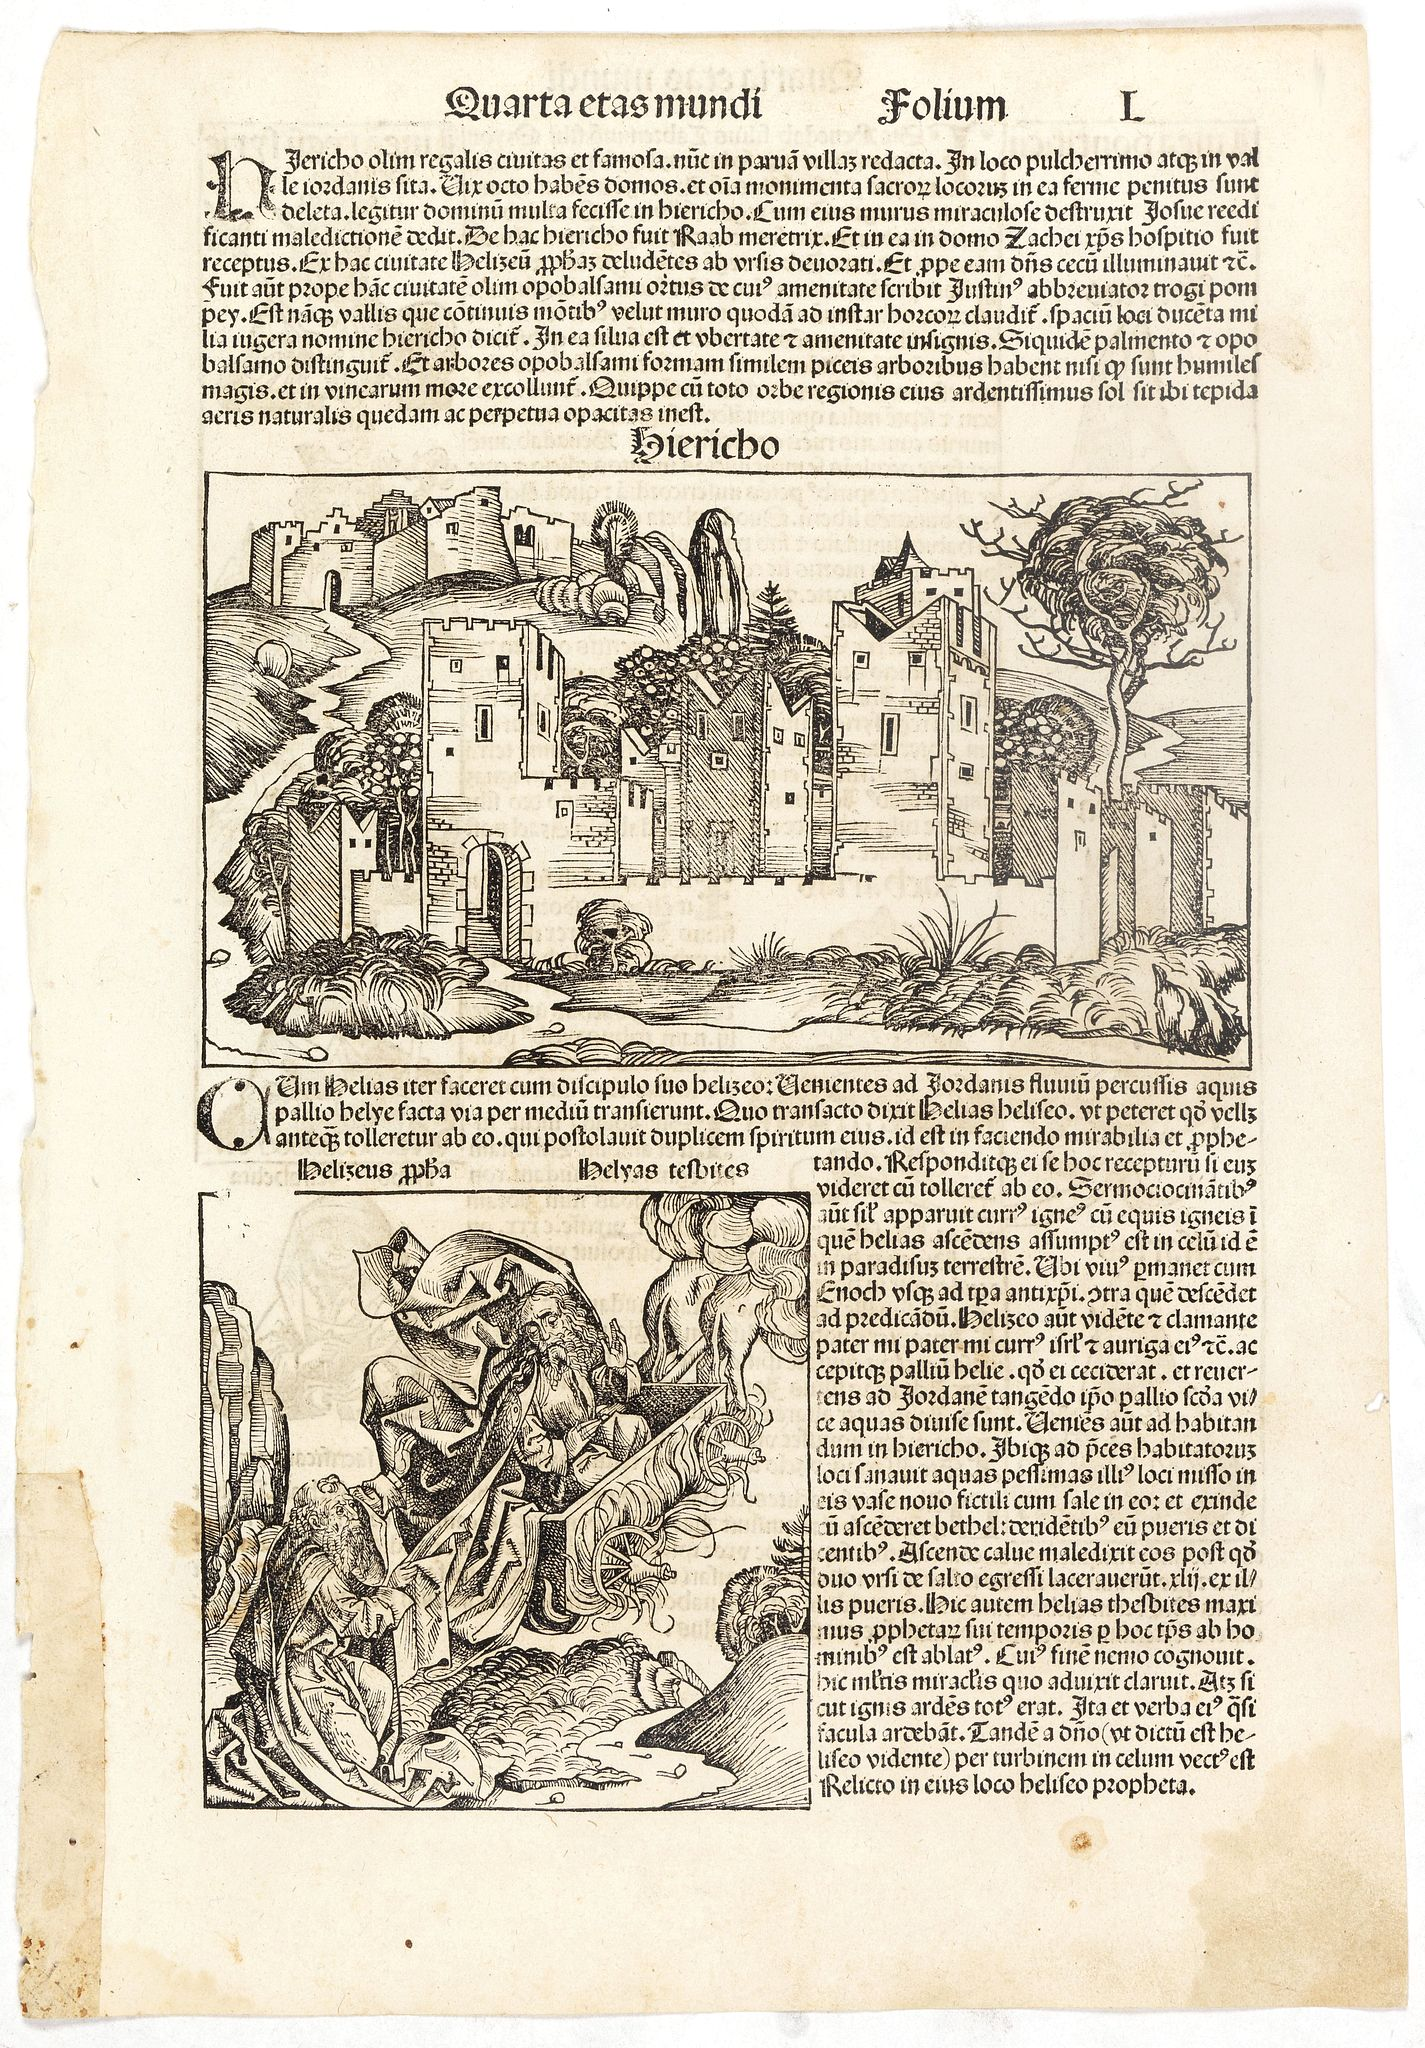 SCHEDEL, H. -  Quarta Etas Mundi. Folium. L (with view of Jericho)